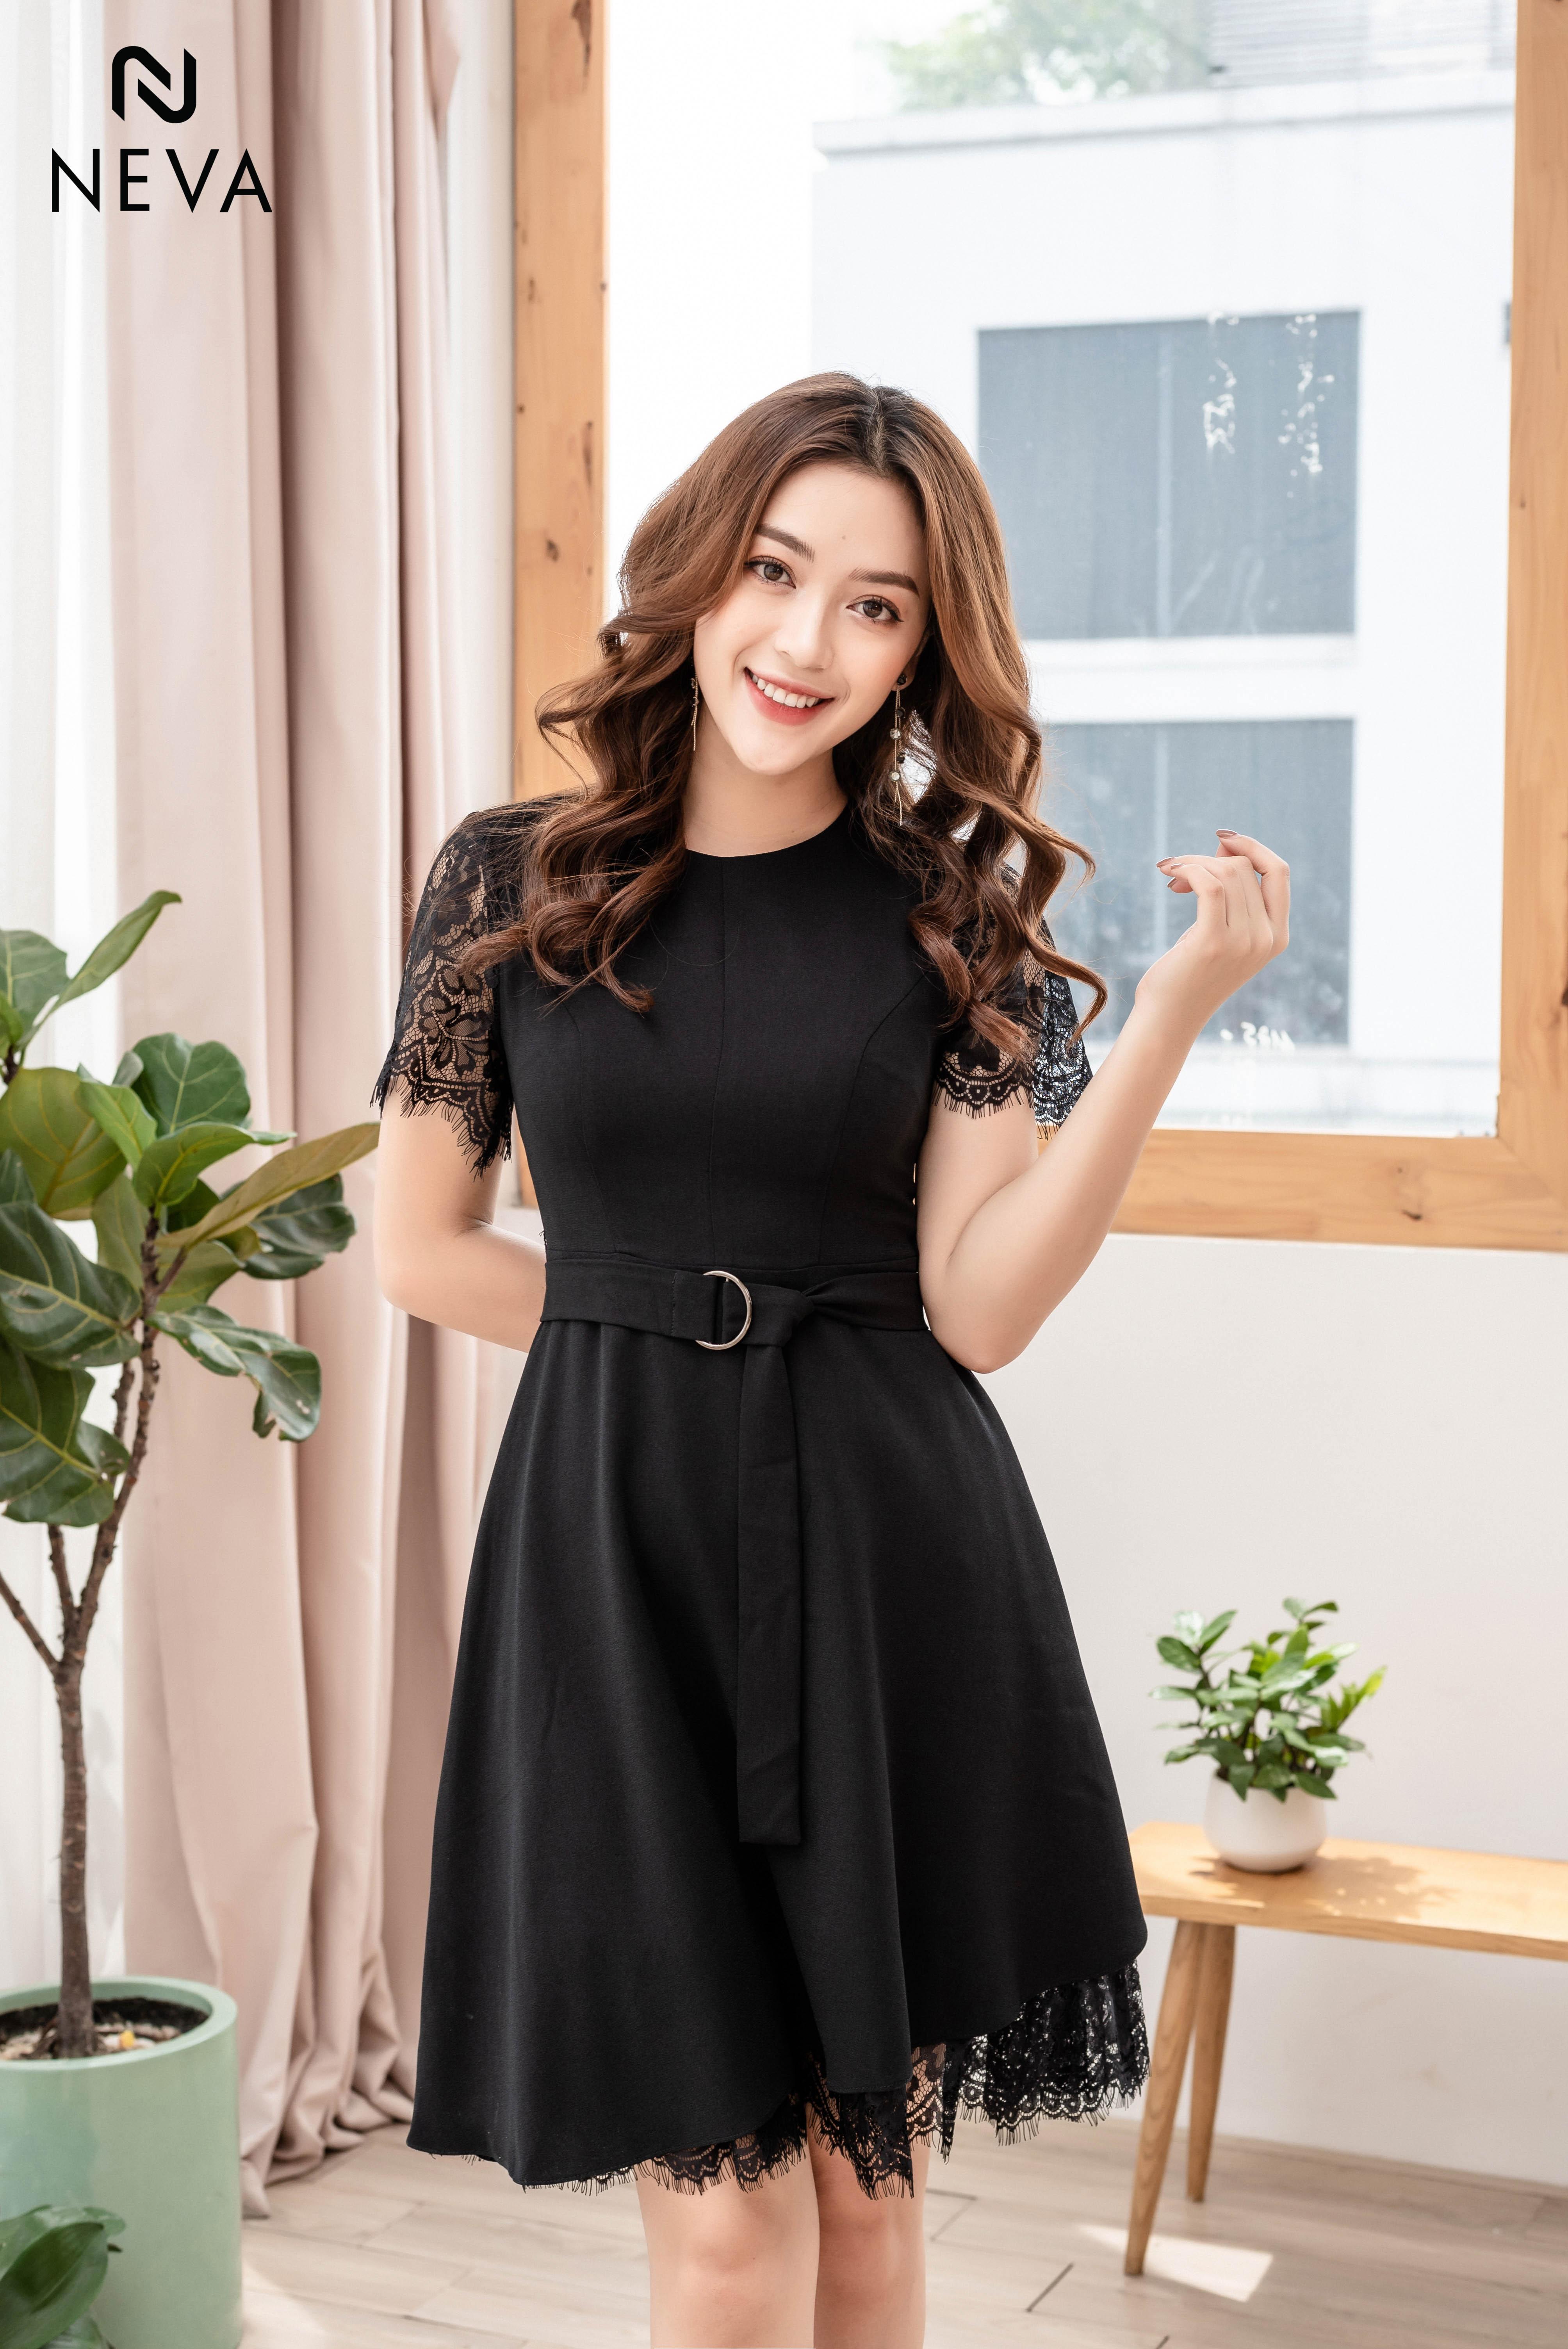 Thời trang nữ:  Xu hướng mẫu thiết kế váy đẹp cực HOT 19SNDK421-1,298,000%20(2)